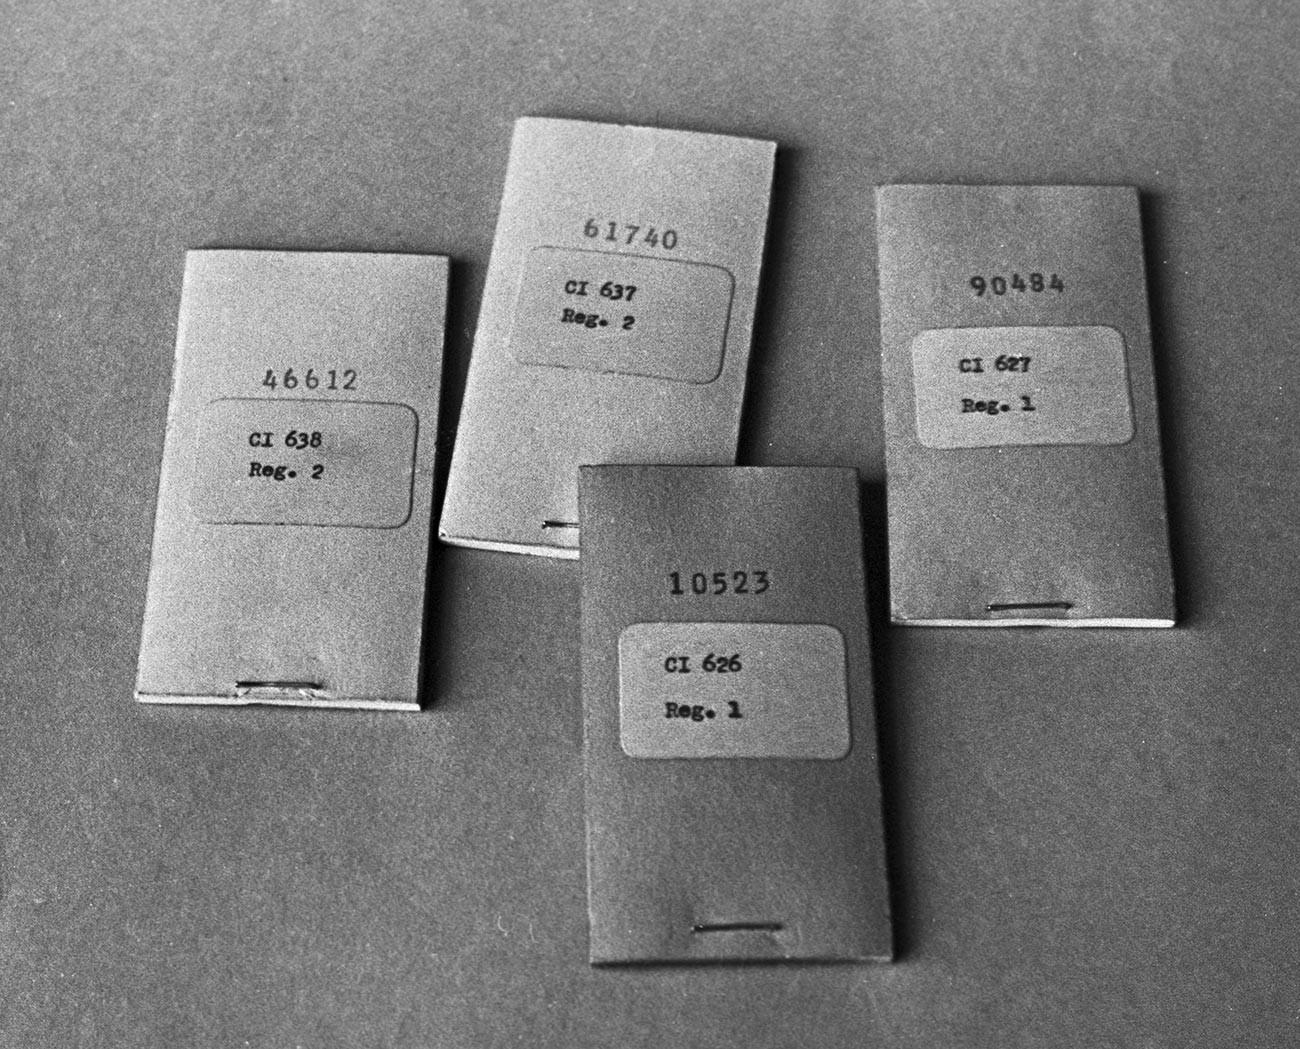 ペニコフスキーに渡された諜報のノート